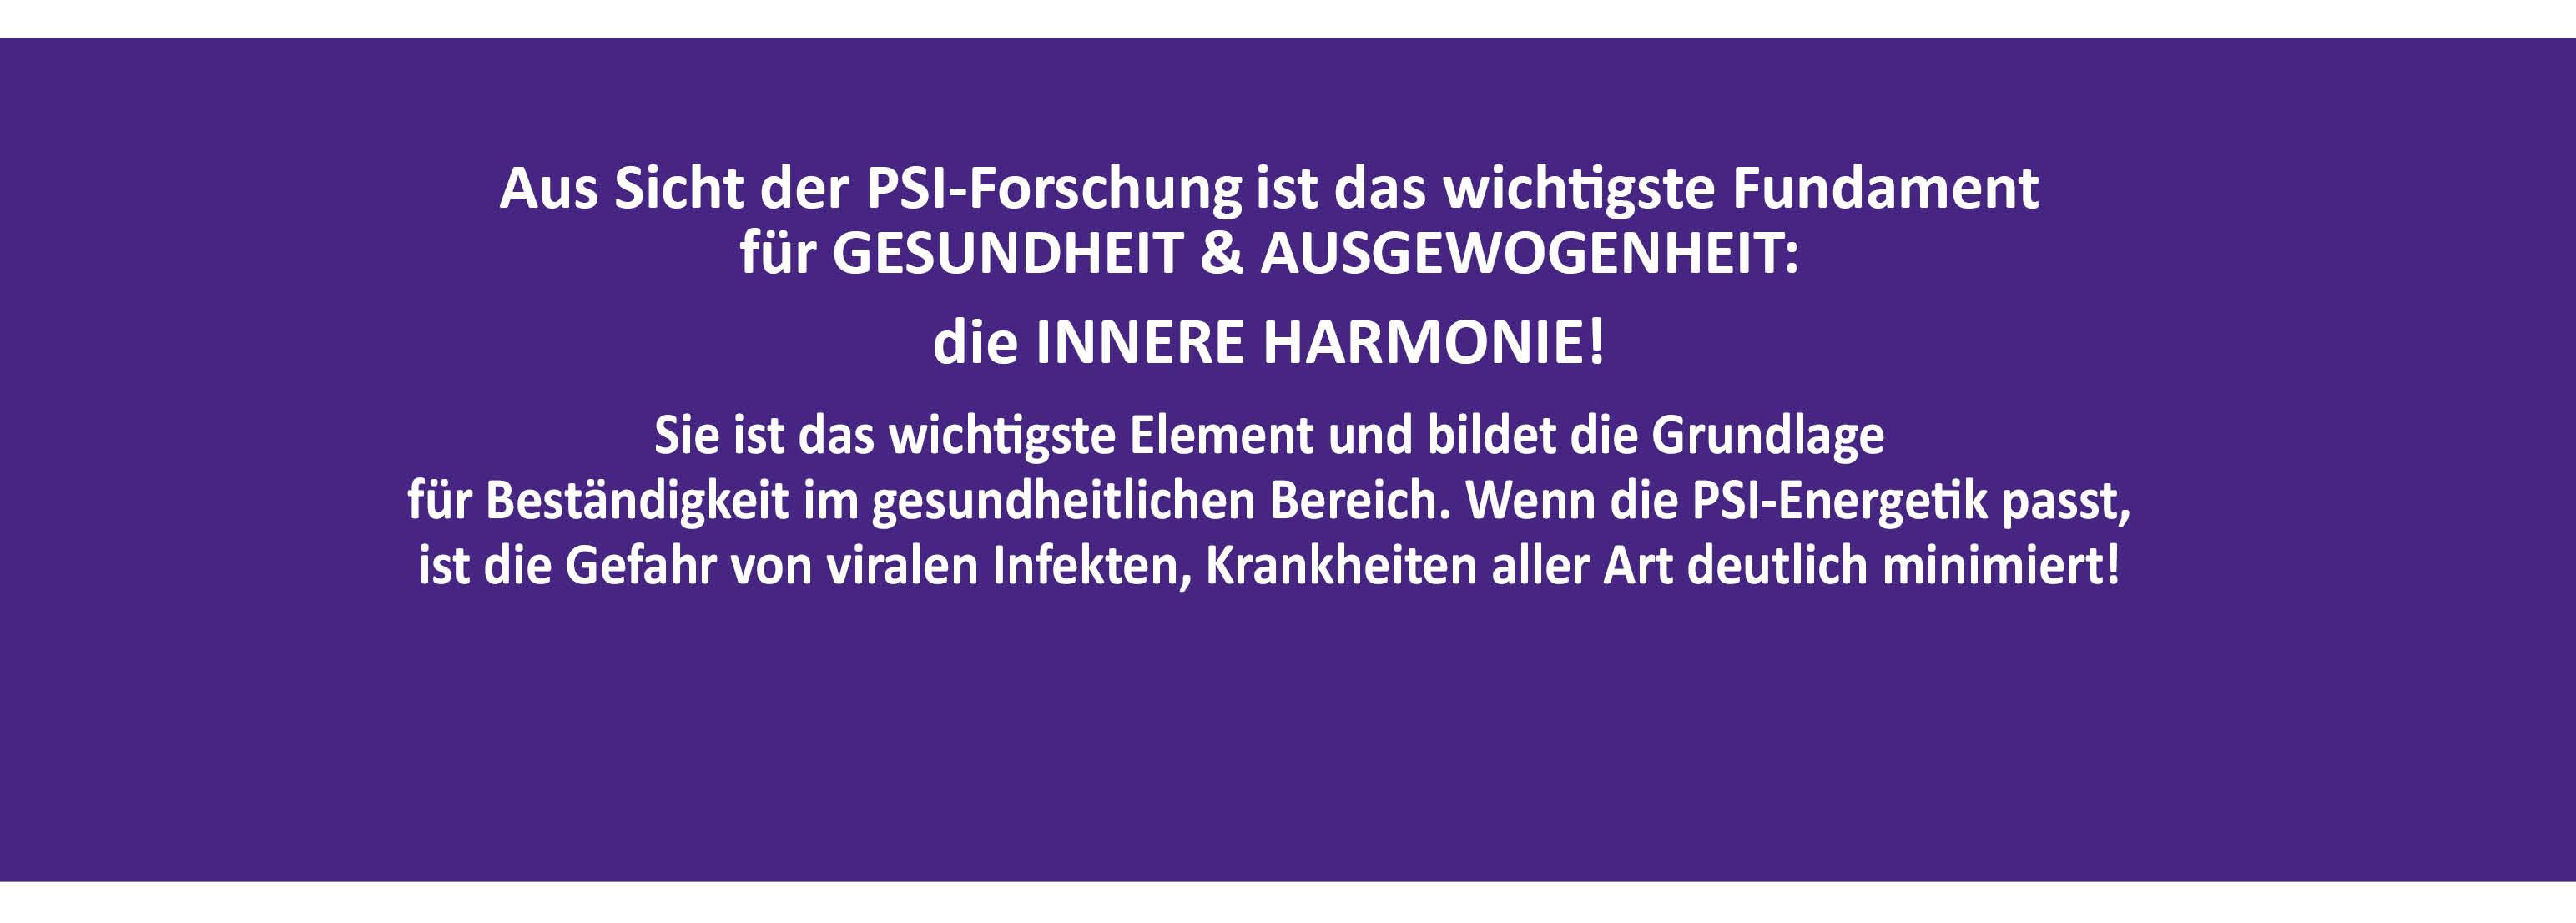 Homepage Willi 1. Seite Ergänzung 17.3.20